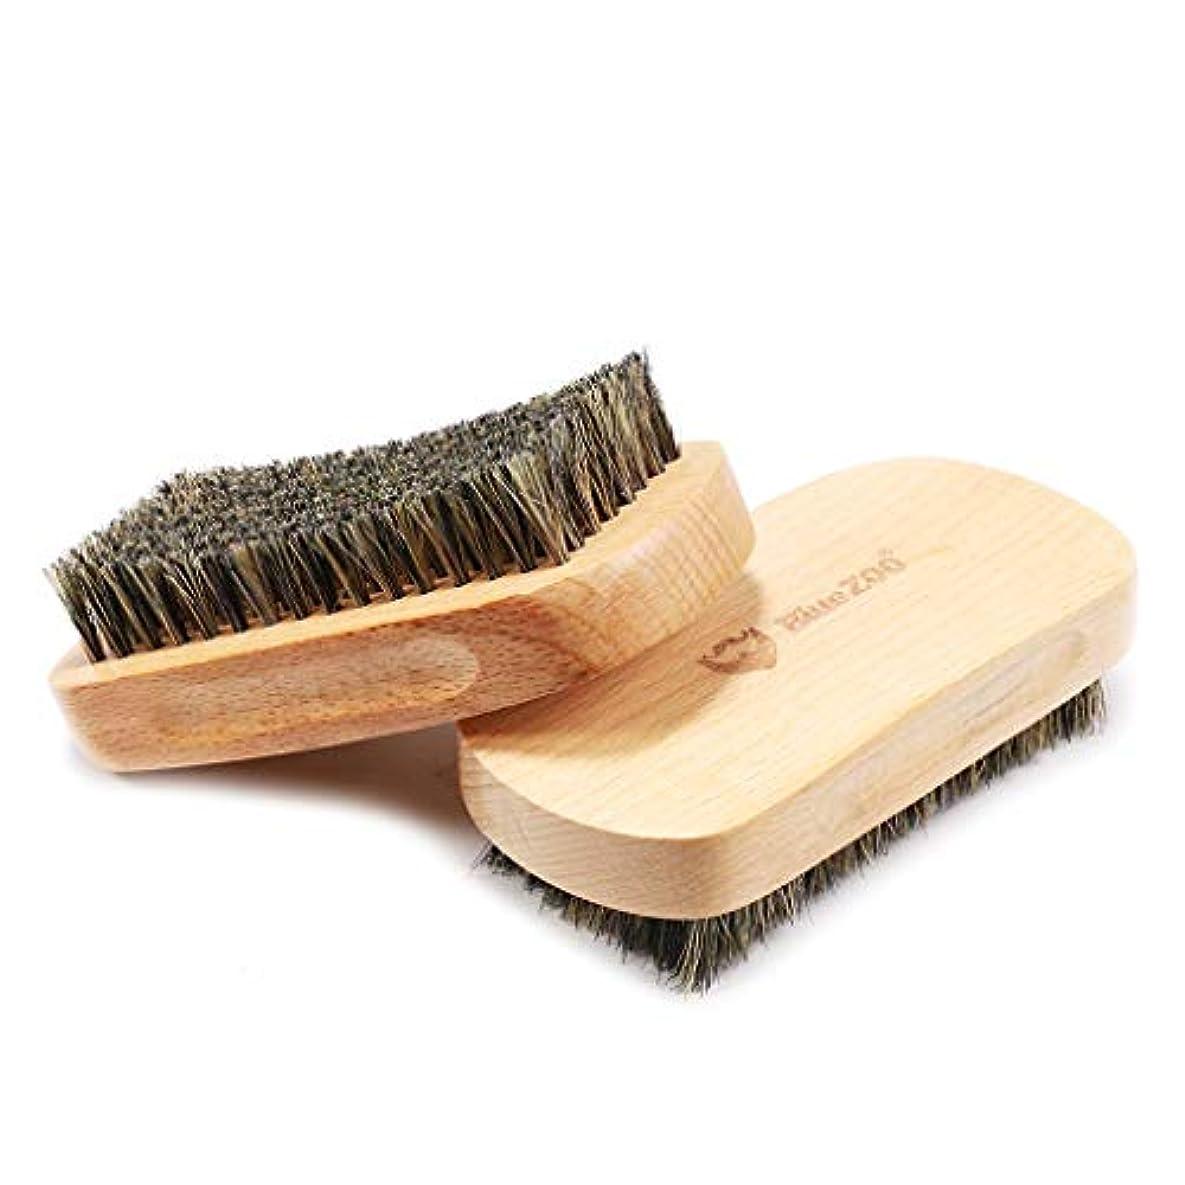 考えた醜いドライバひげブラシ シェービングブラシ メンズ 毛髭ブラシ ひげ剃り 硬い剛毛 理容 洗顔 髭剃り